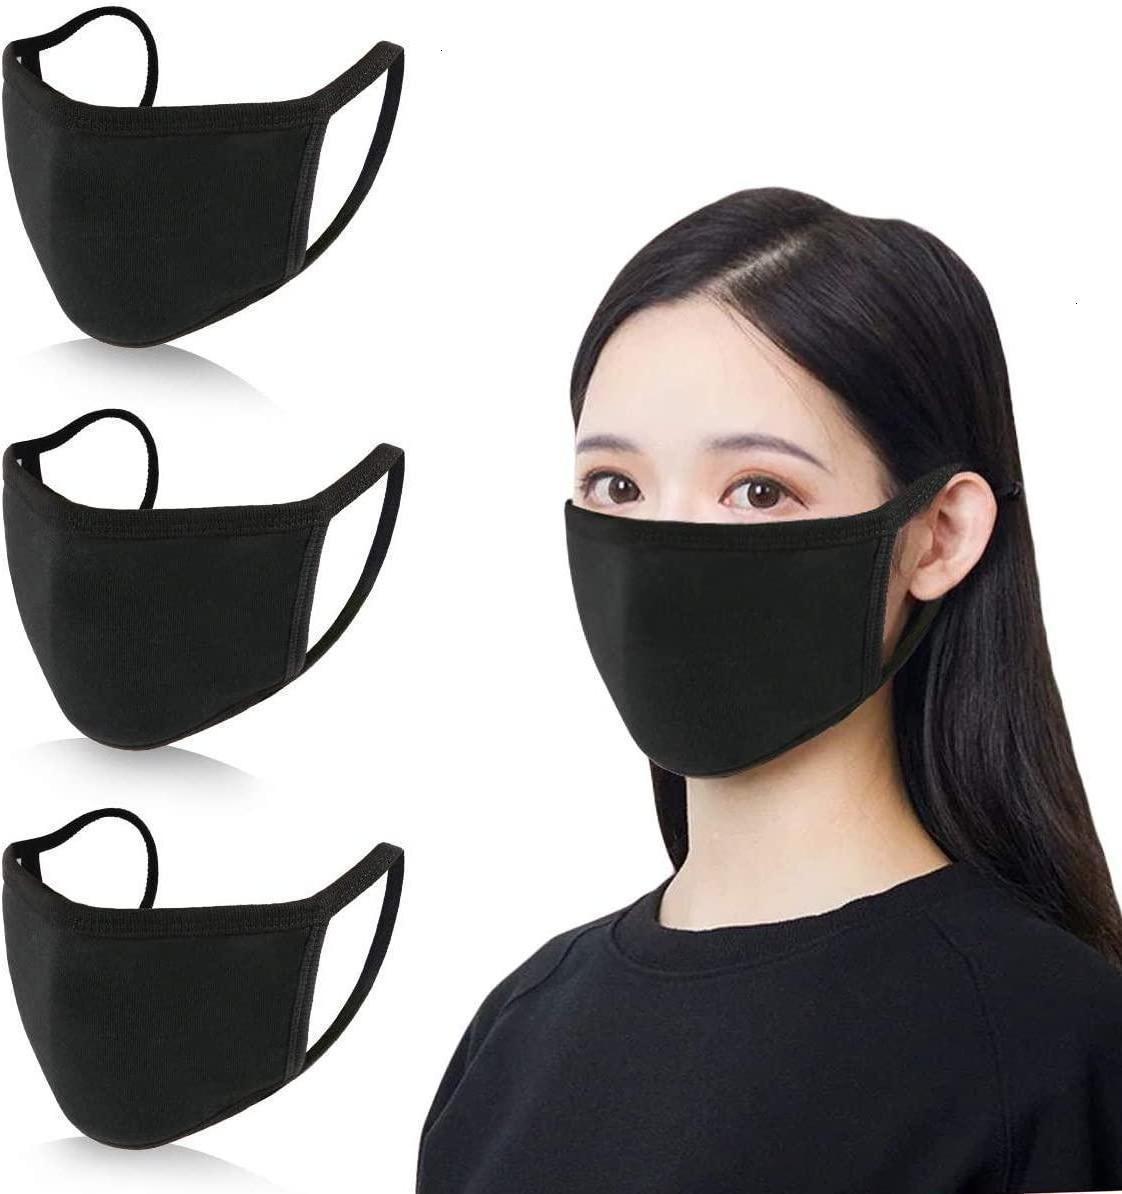 Маски маски дизайнер против пыли хлопчатобумажный рот лицо черный защитный унисекс одноразовый человек мужчина женщина носить черную моду быстрая доставка